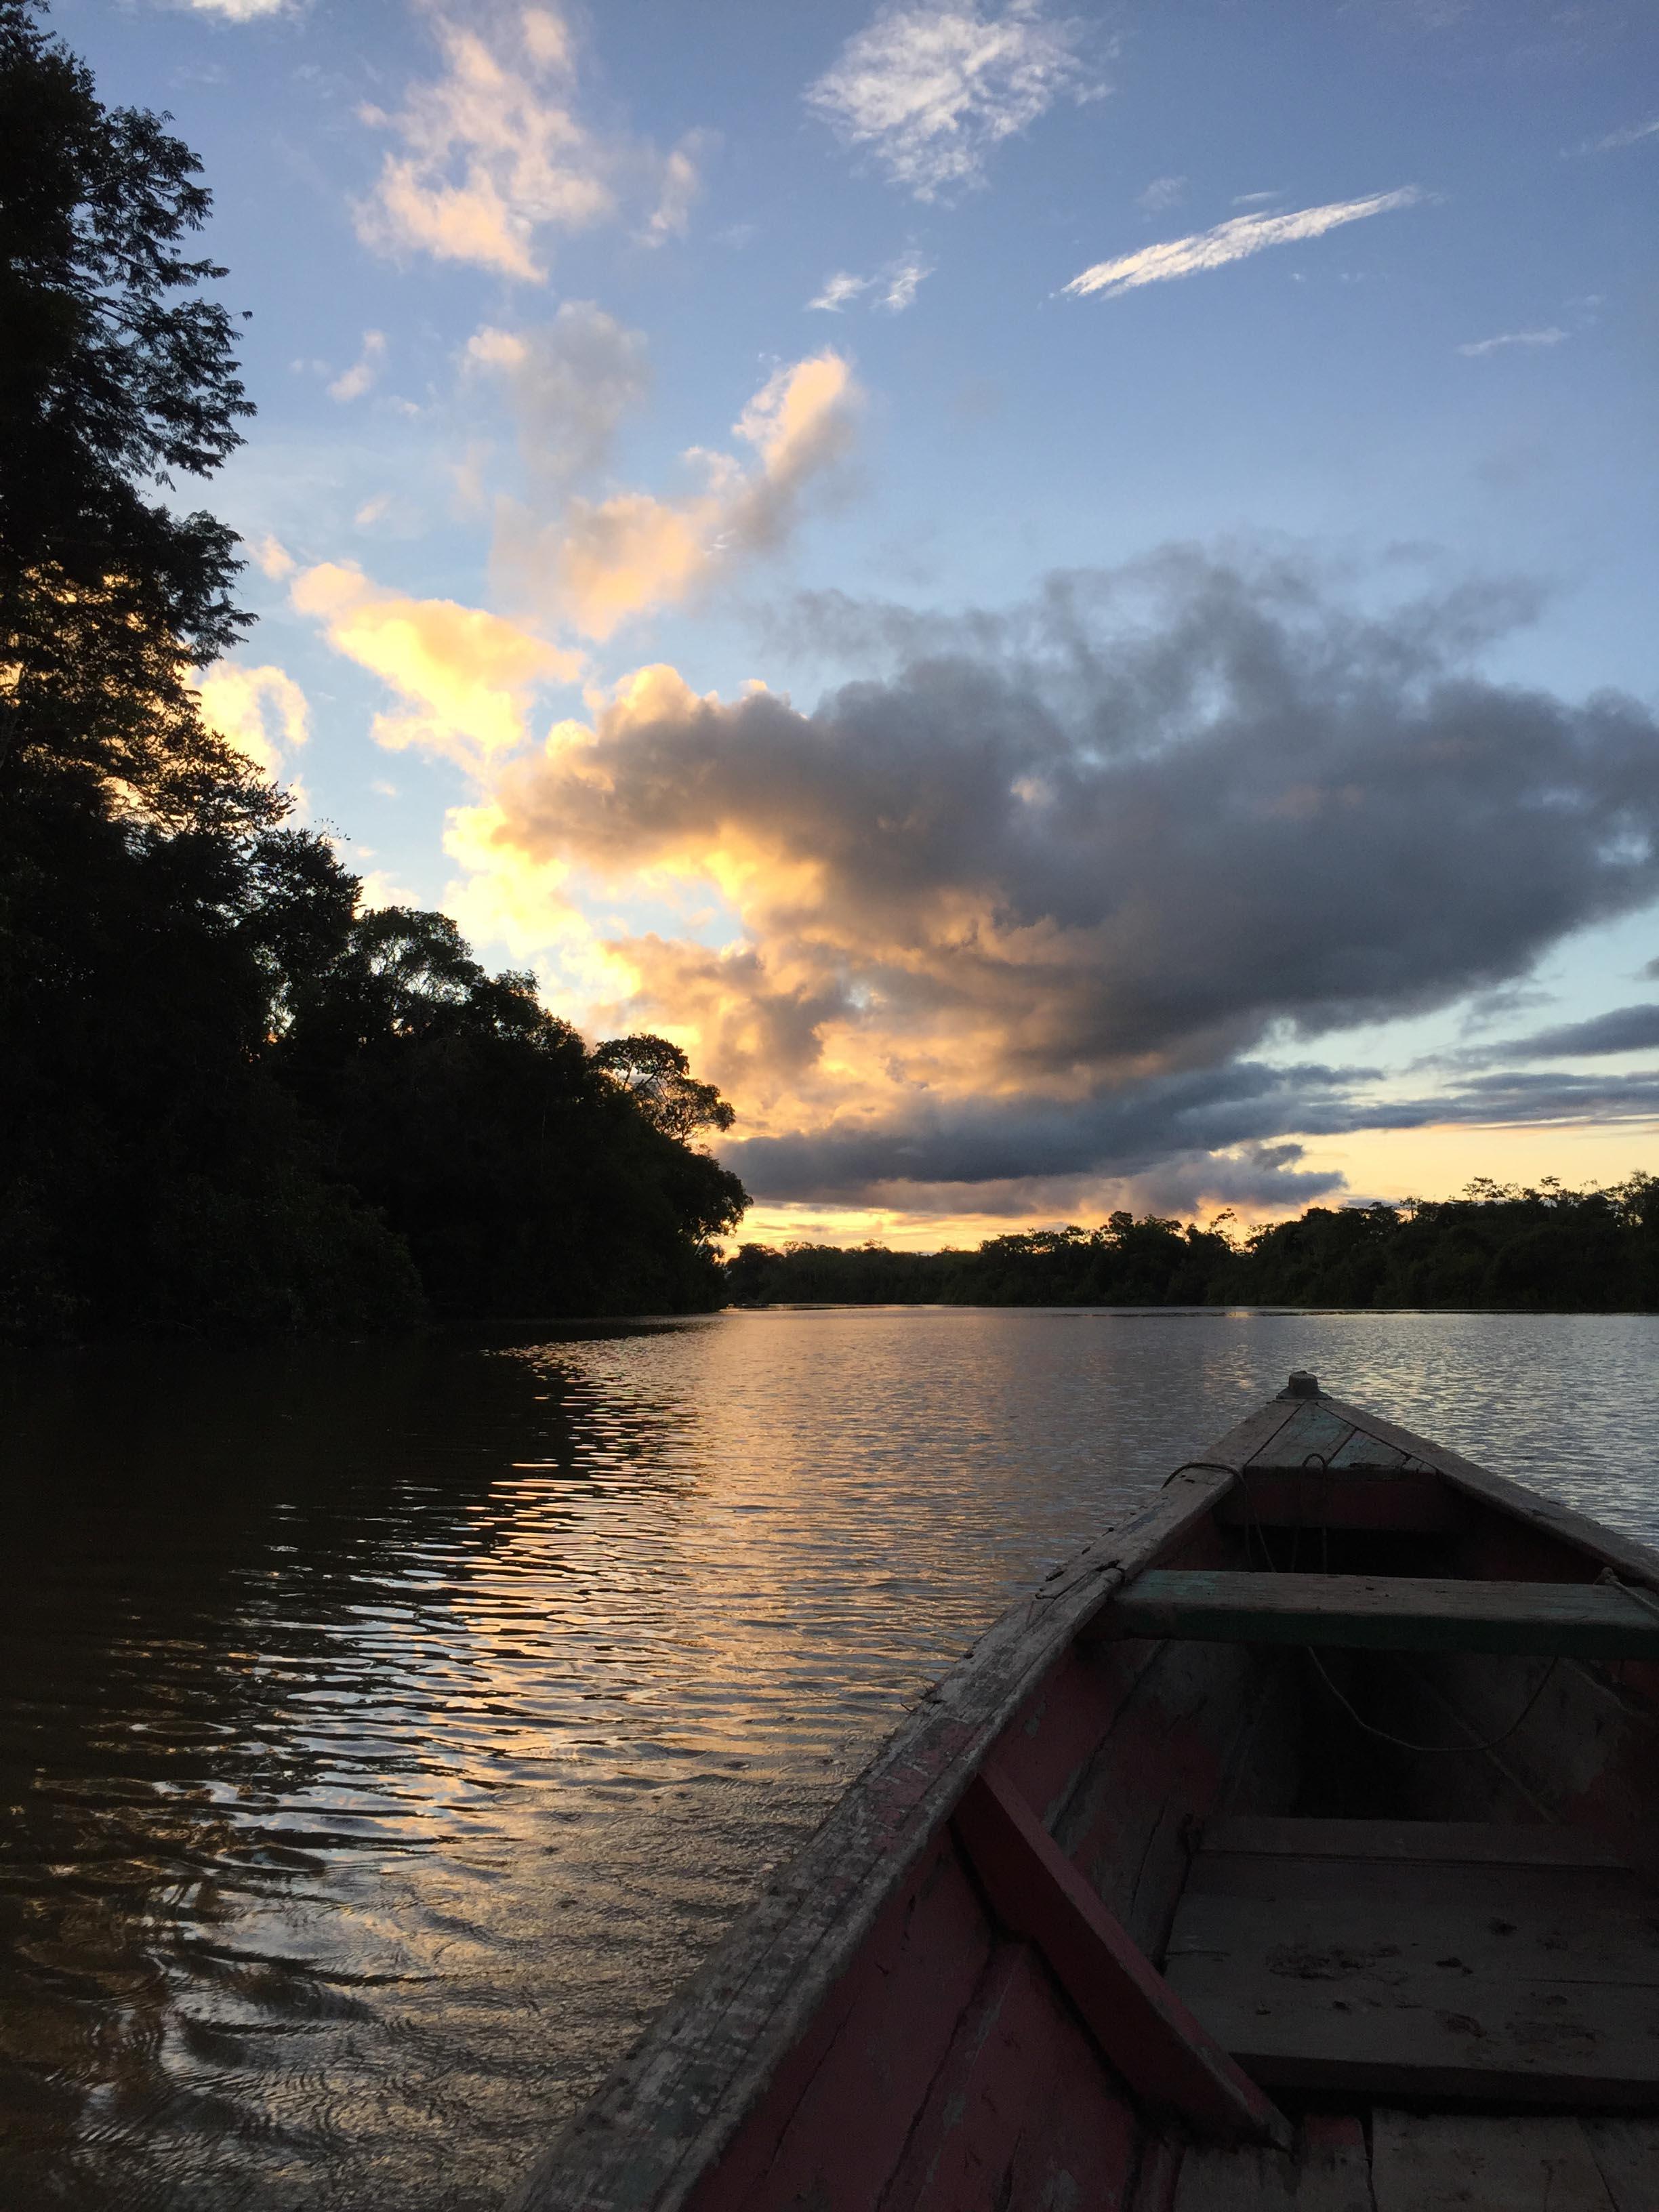 Sunset on the canoe in the Amazon Rainforest.